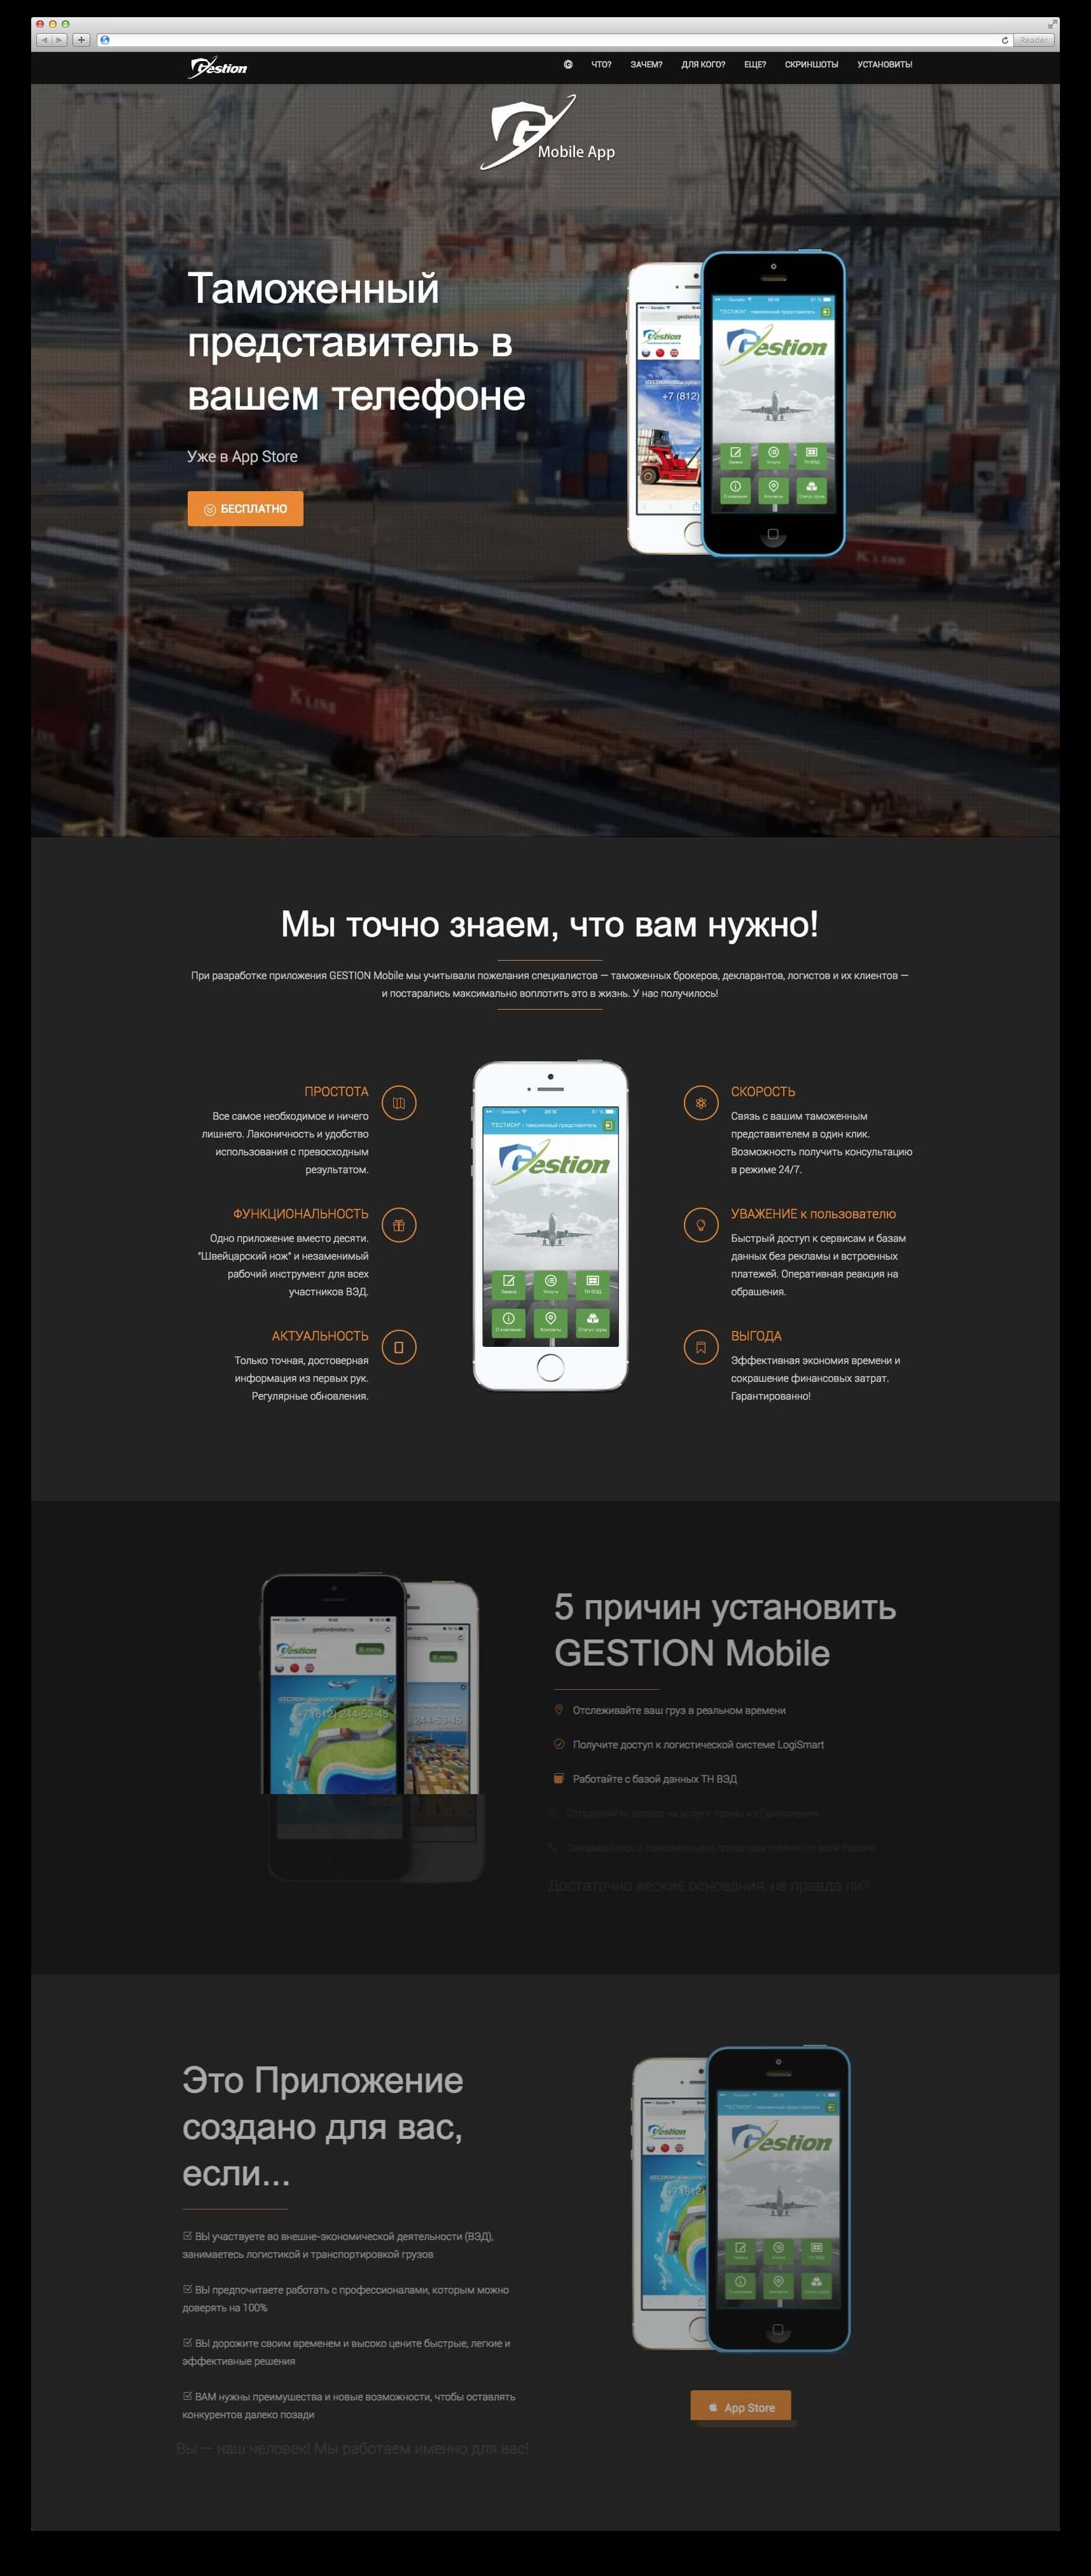 Landing page мобильного приложения